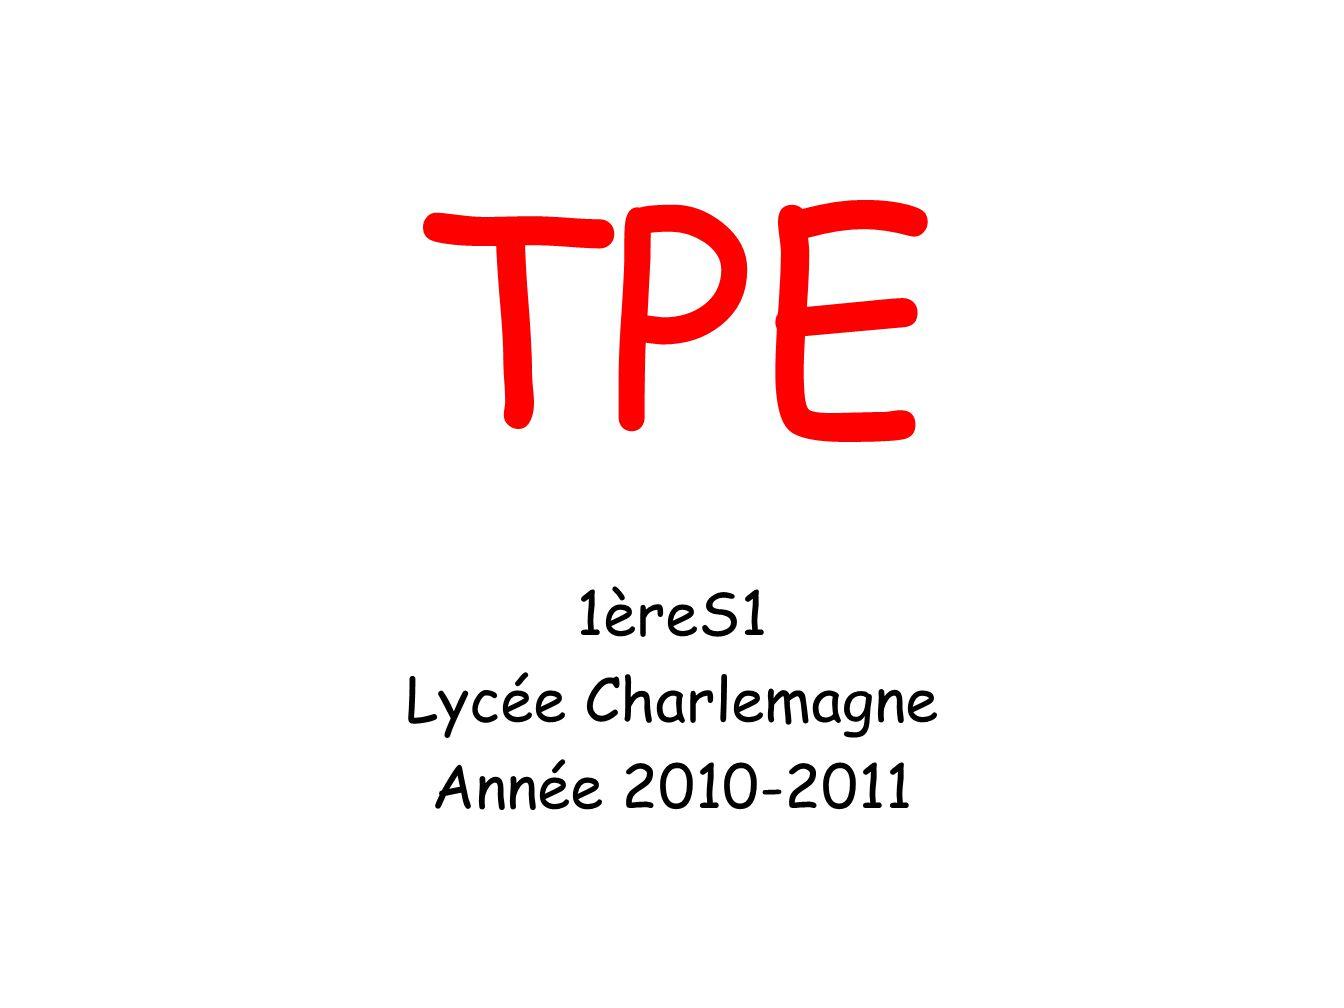 TPE 1èreS1 Lycée Charlemagne Année 2010-2011